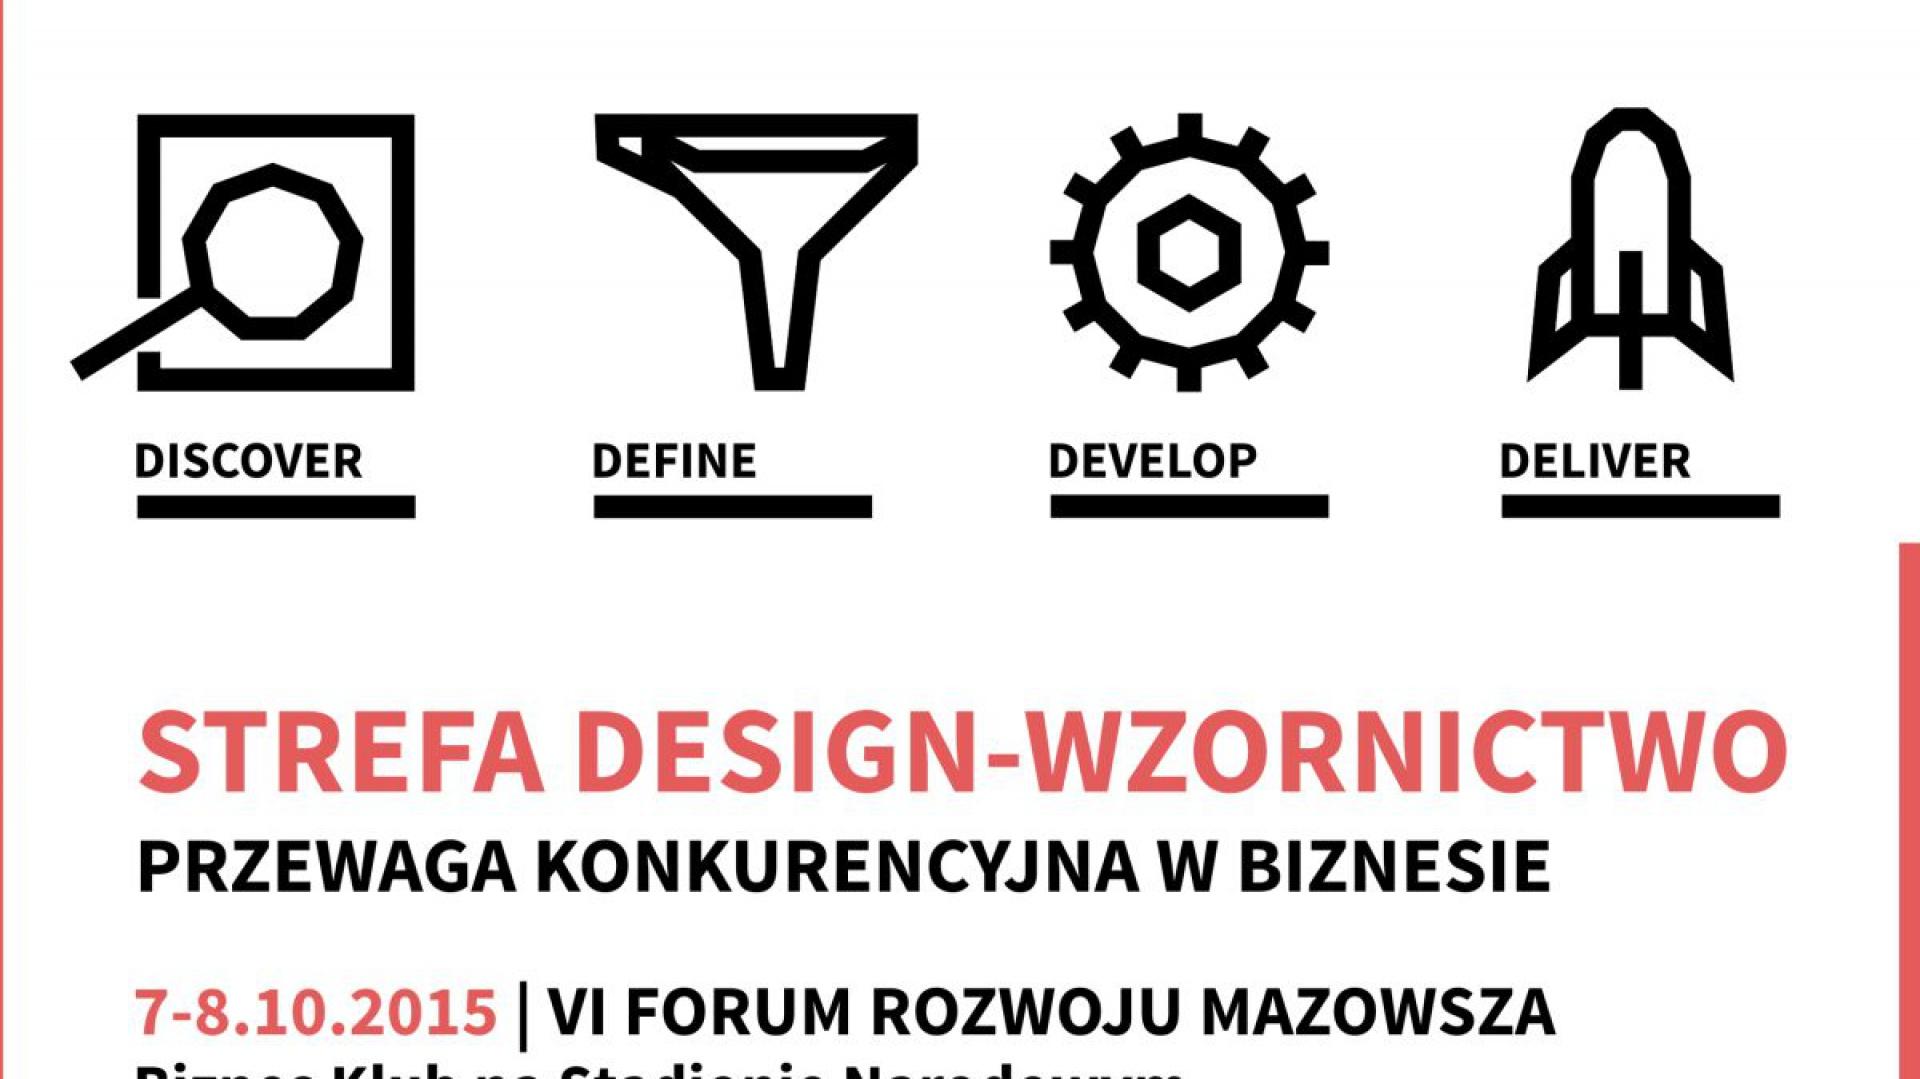 Strefa Design – Wzornictwo znalazła się w programie VI Forum Rozwoju Mazowsza.